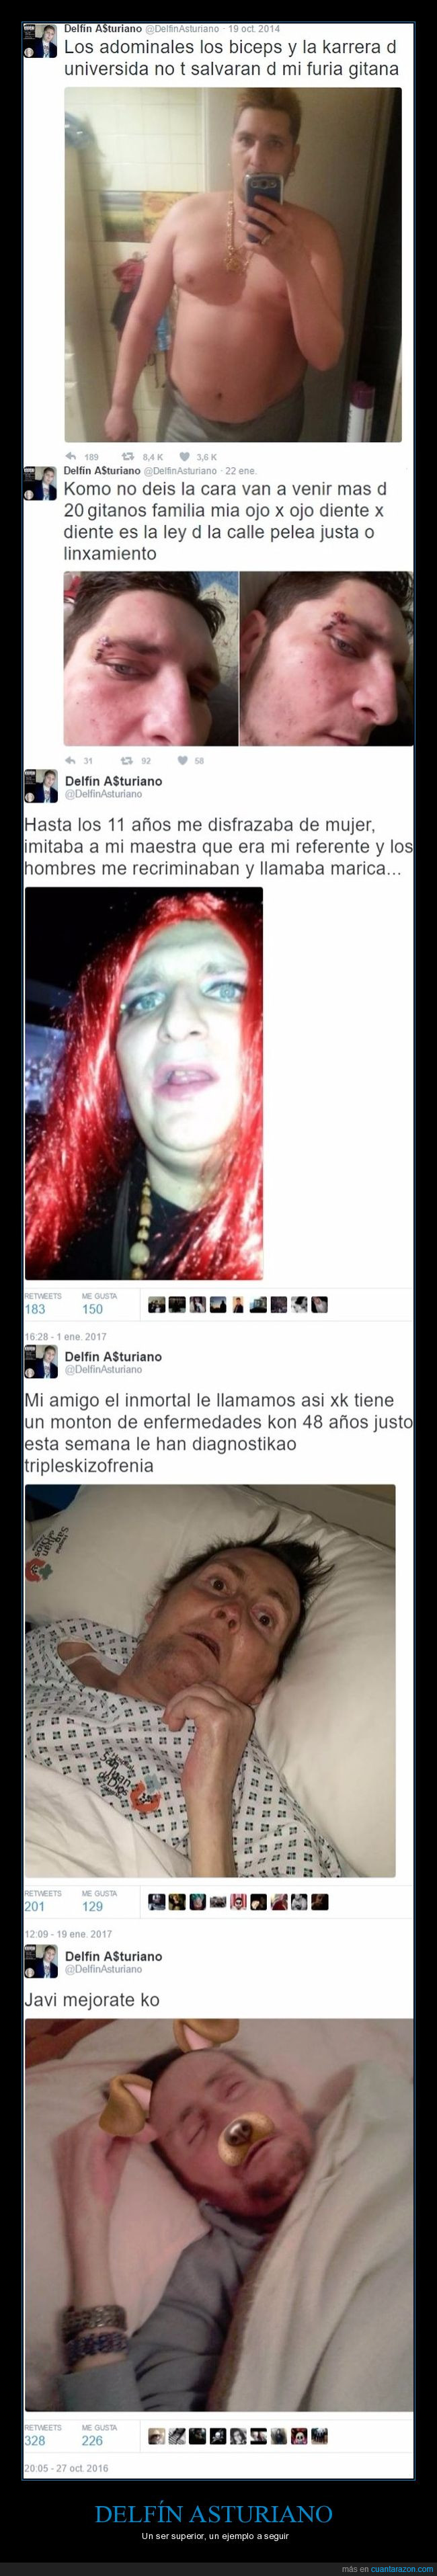 delfín asturiano,instagram,personaje,wtf